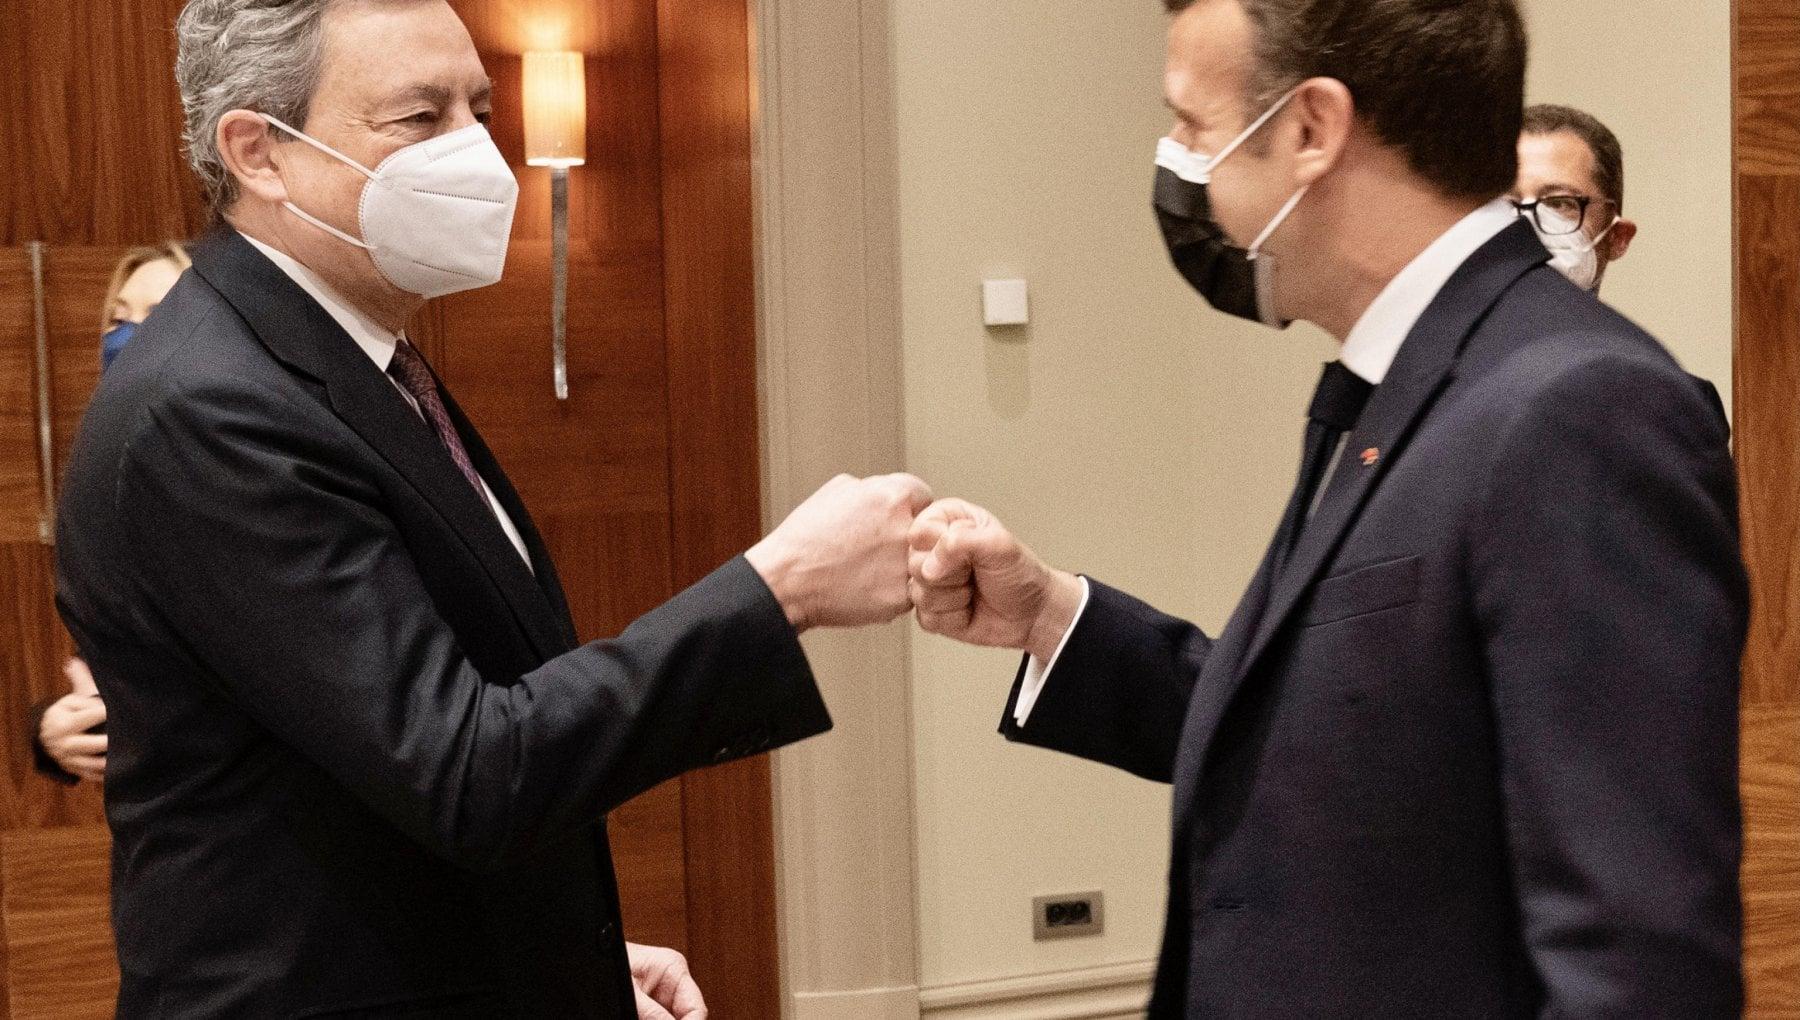 124835023 45ca4937 200a 41a5 a2d6 d3ac9178c1a1 - Bruxelles, i leader Ue si confrontano su Covid e clima. Bilaterale Draghi-Macron